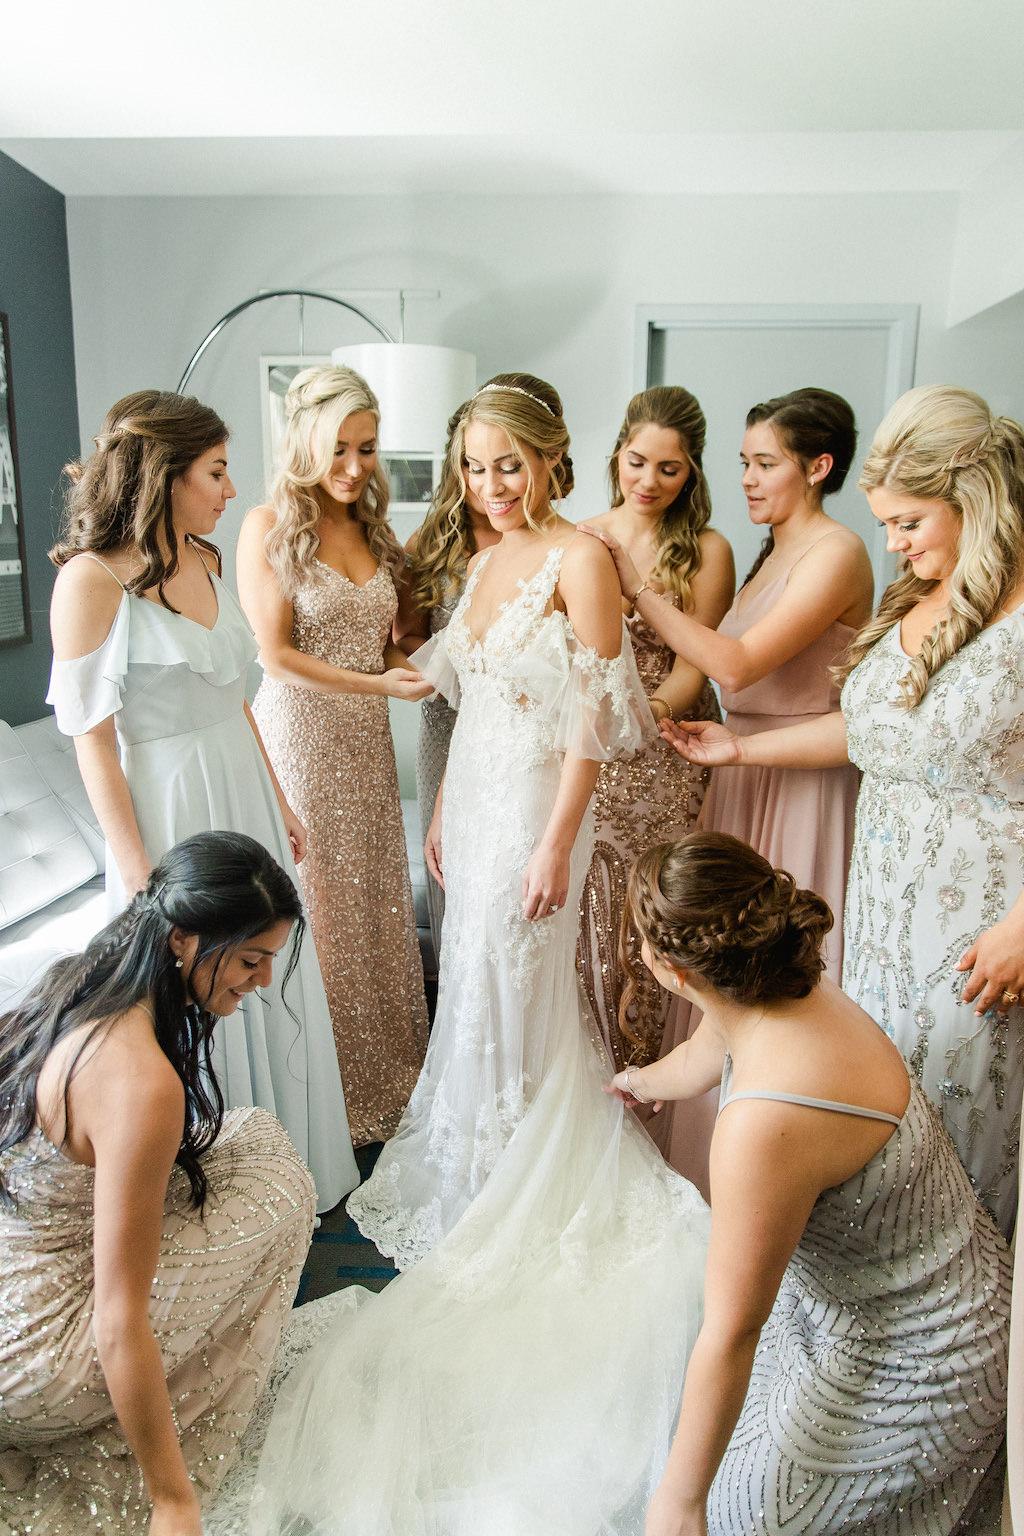 Florida Bride Getting Ready Wedding Portrait with ...